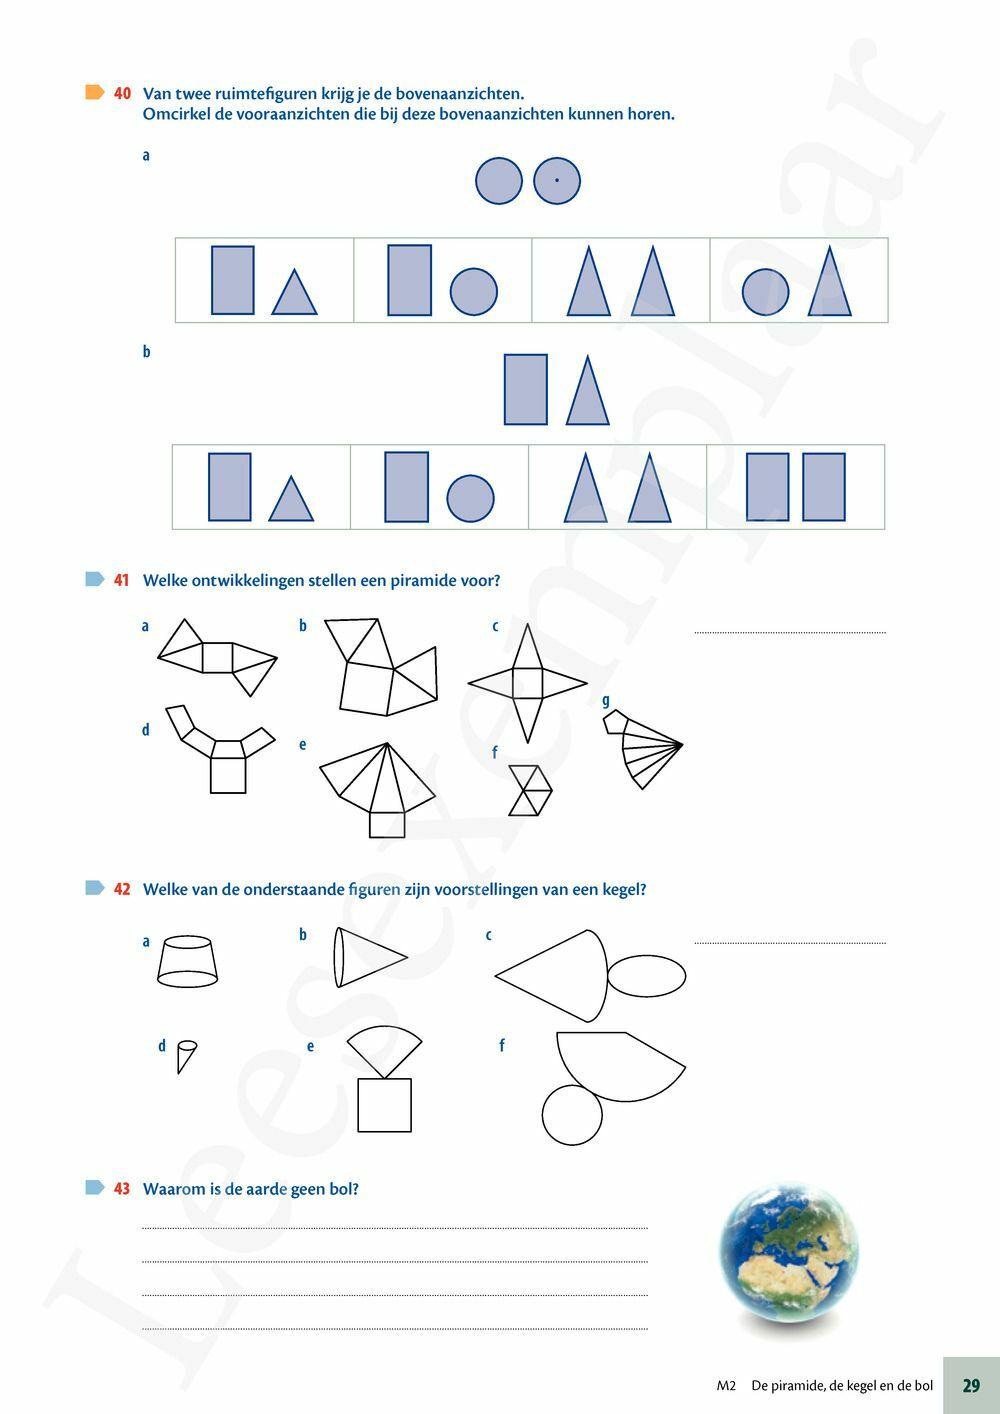 Preview: Matrix Wiskunde 2 meetkunde leerwerkboek (editie 2020) (incl Portaal)